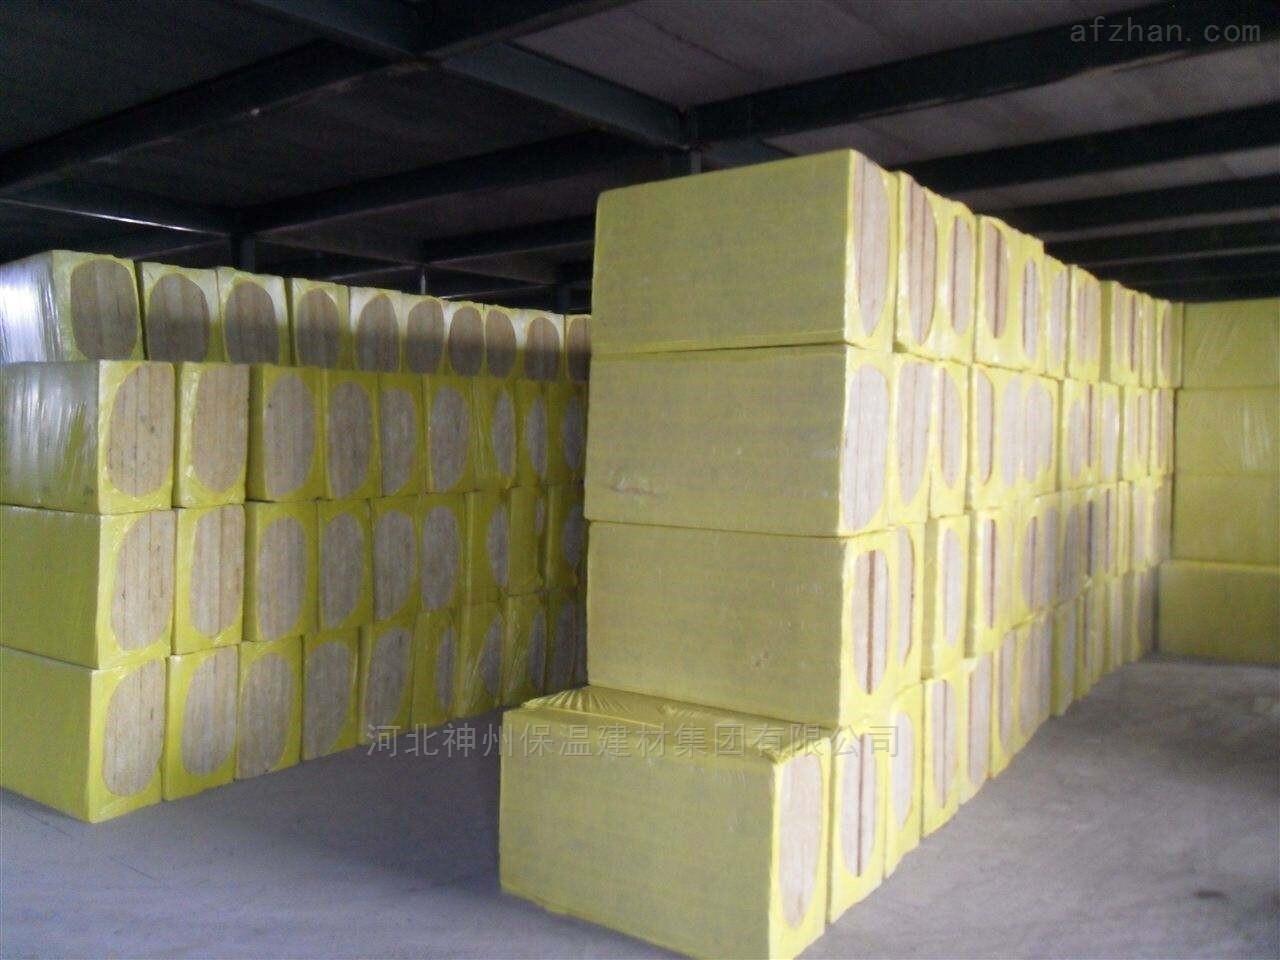 保温玻璃丝棉板800mm一平米价格